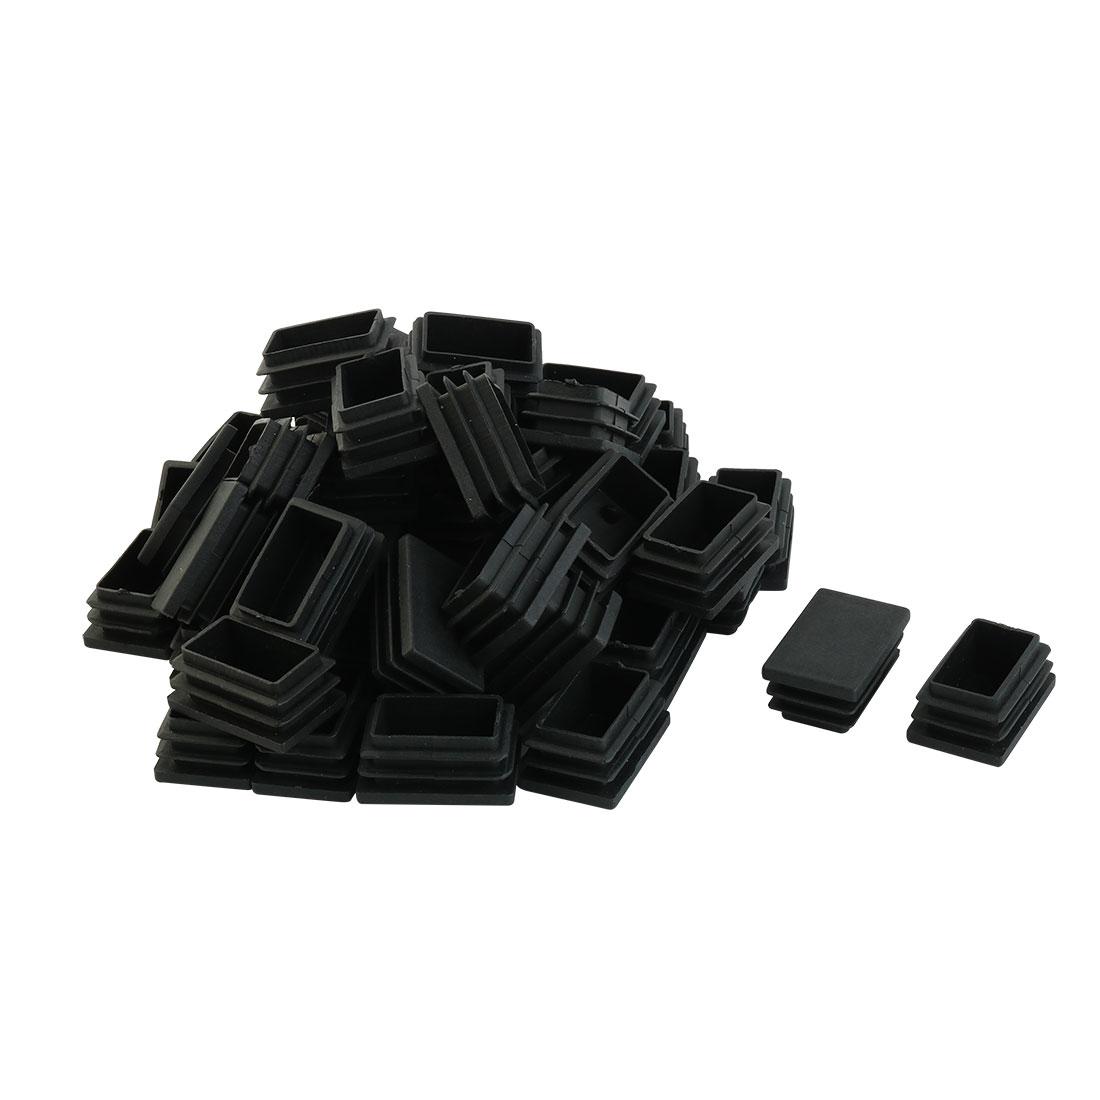 Plastic Rectangular Shaped Furniture Table Leg Feet Tube Insert Black 50 Pcs